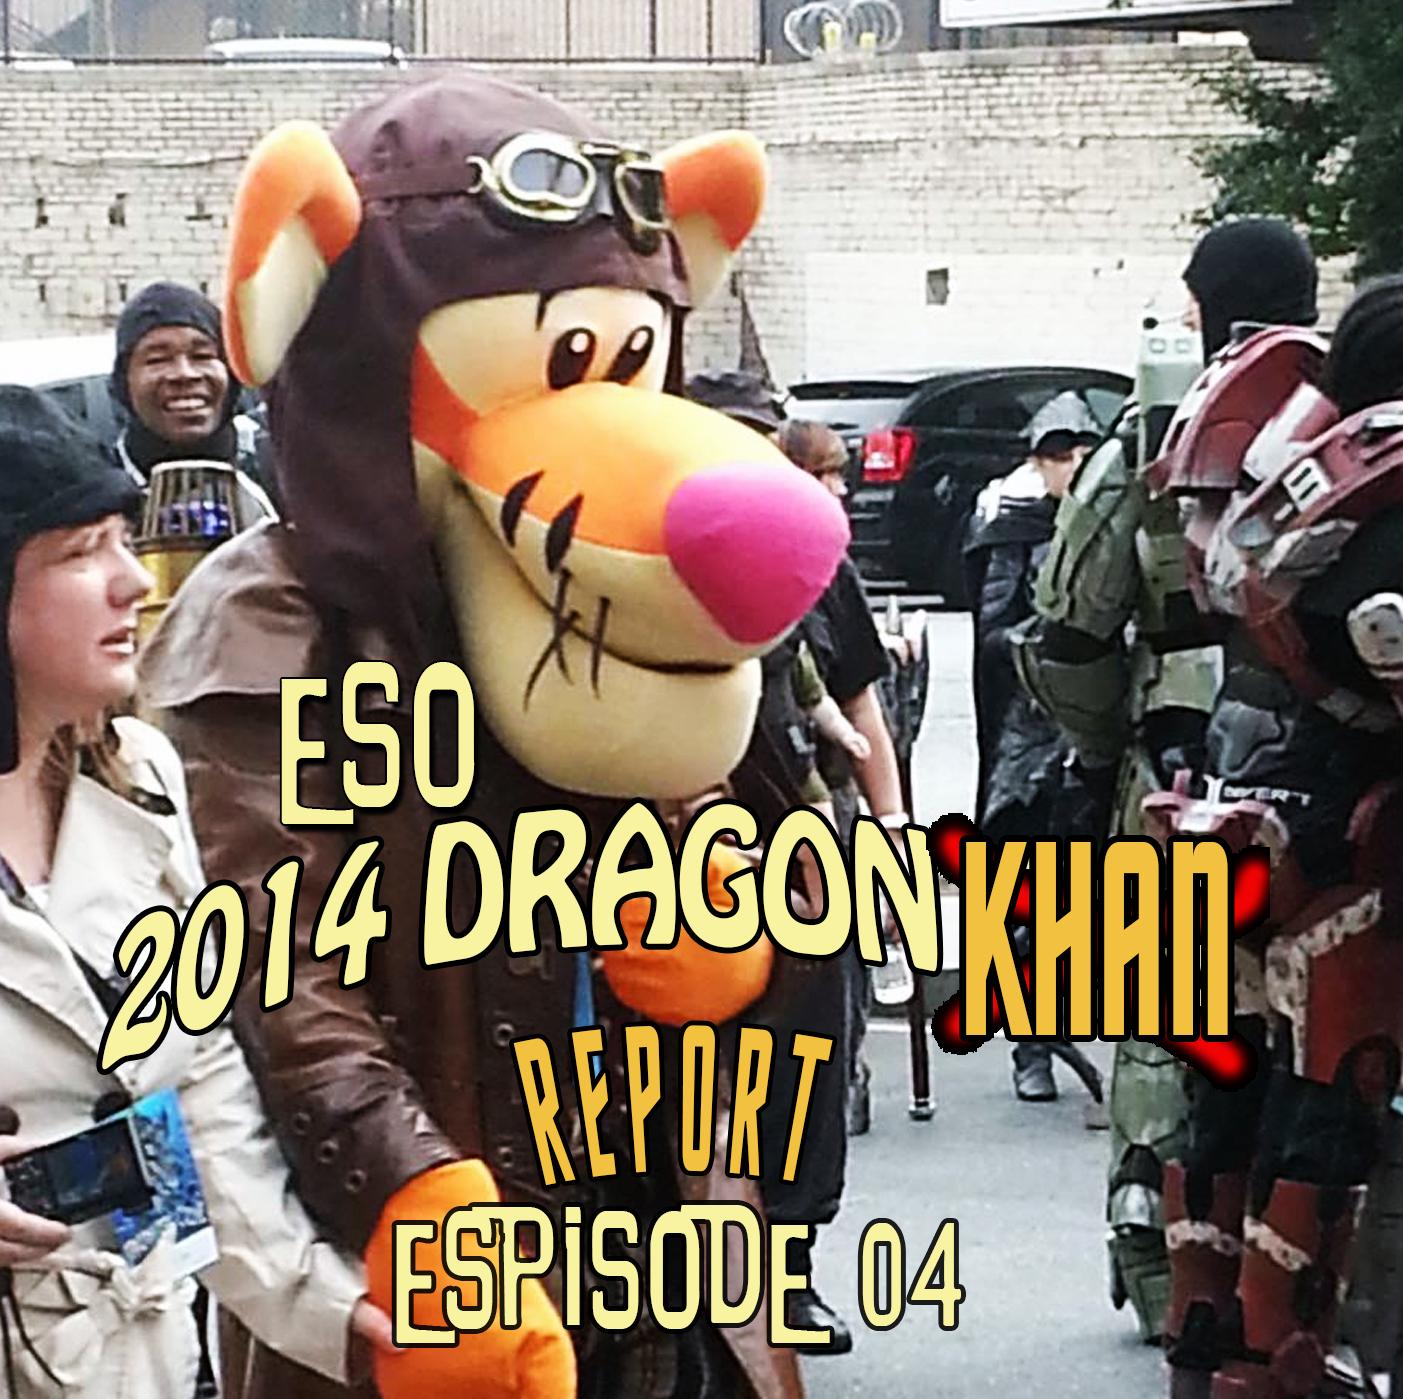 ESO DragonCon 2014 Khan Report Ep 4